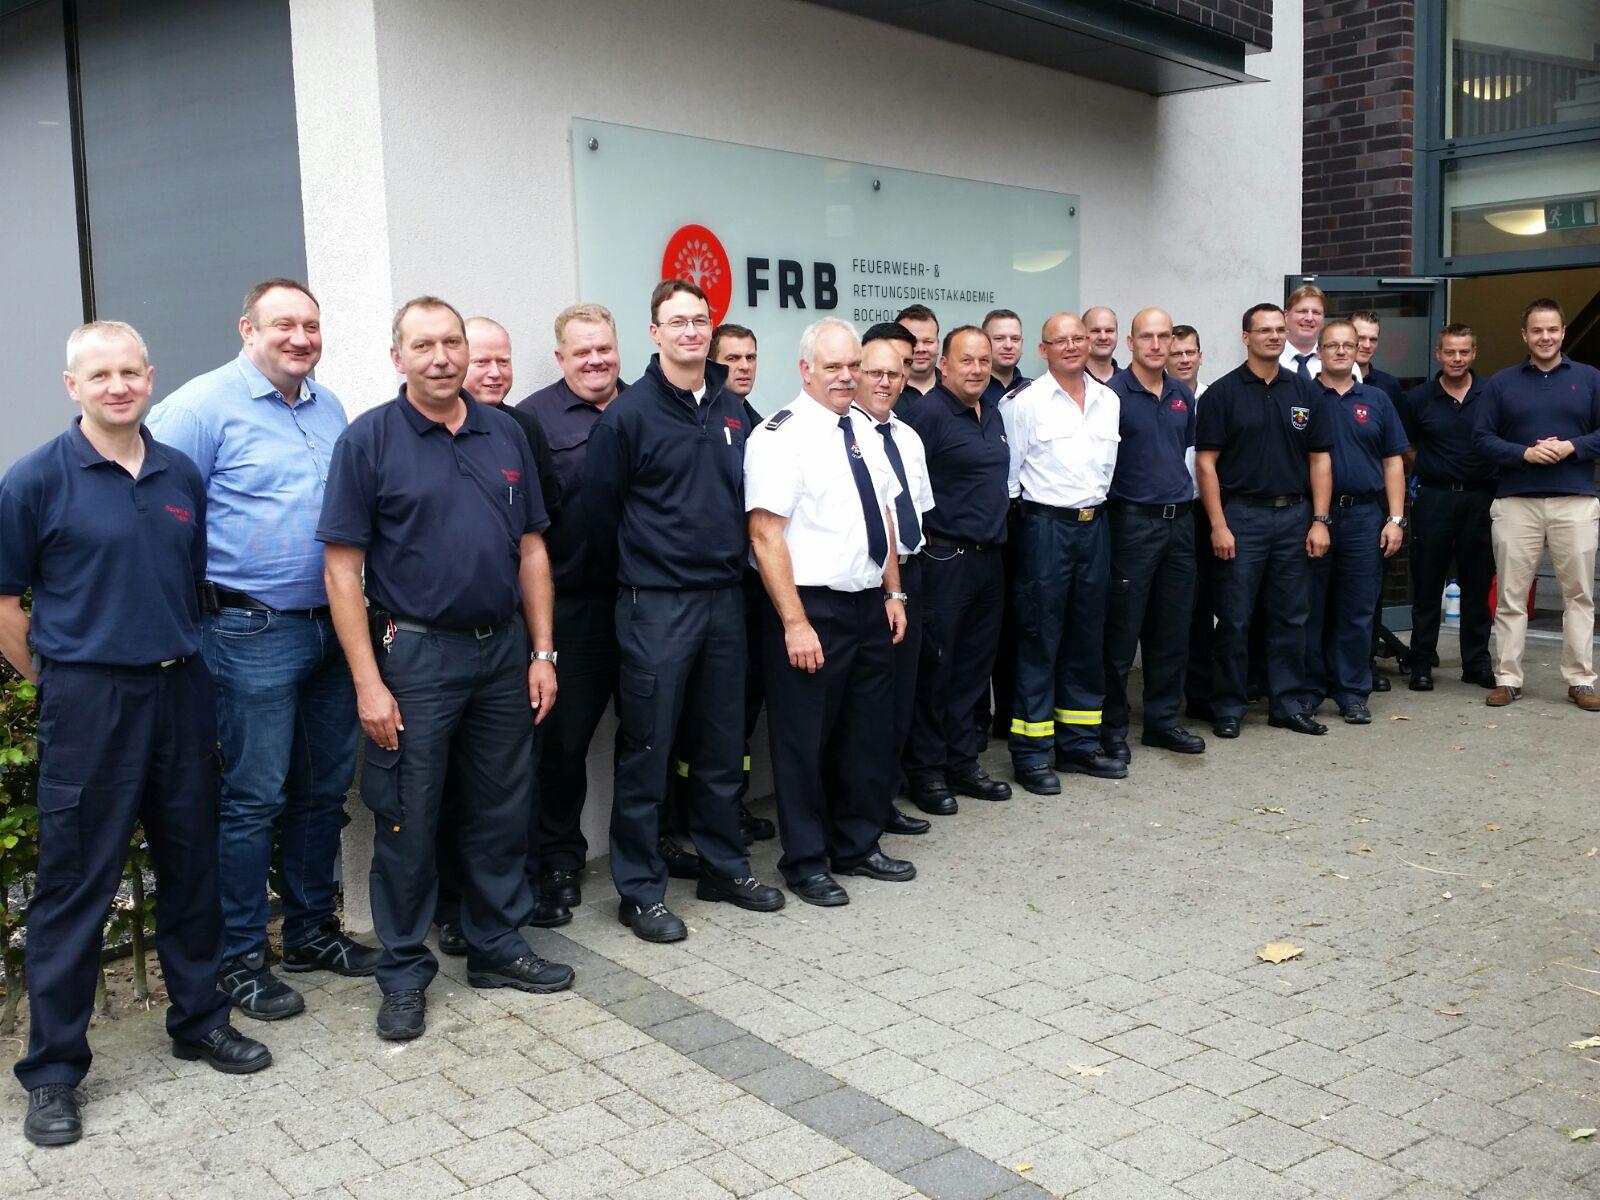 Modul 1 in Kooperation mit der Feuerwehr- und Rettungsdienstakademie Bocholt durchgeführt